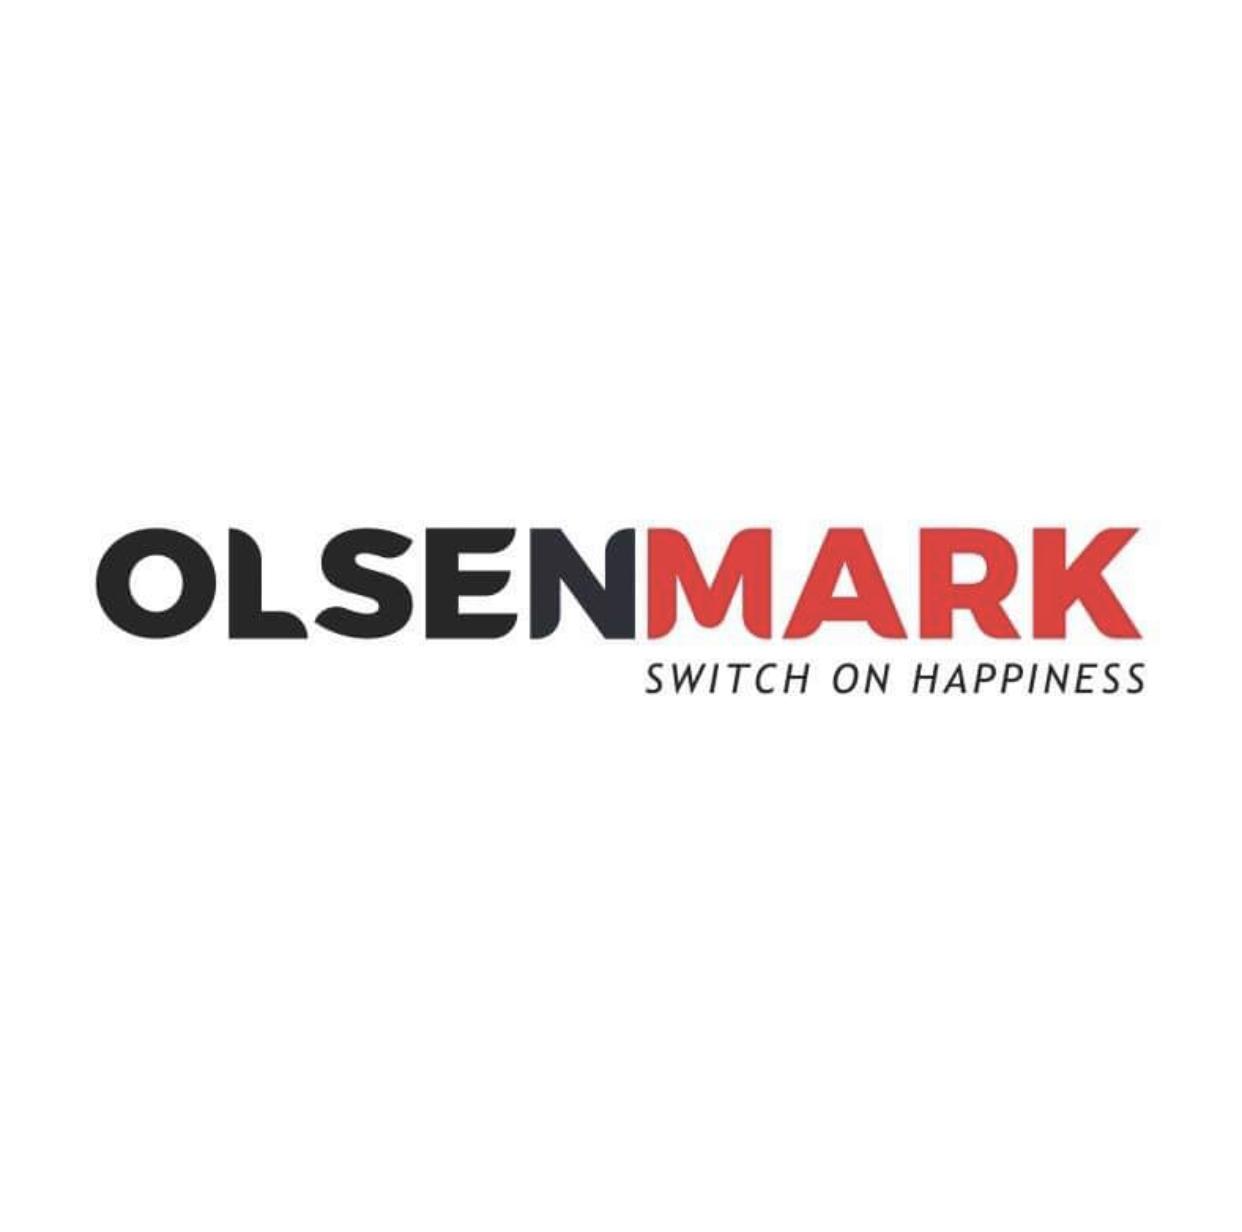 Olsenmark